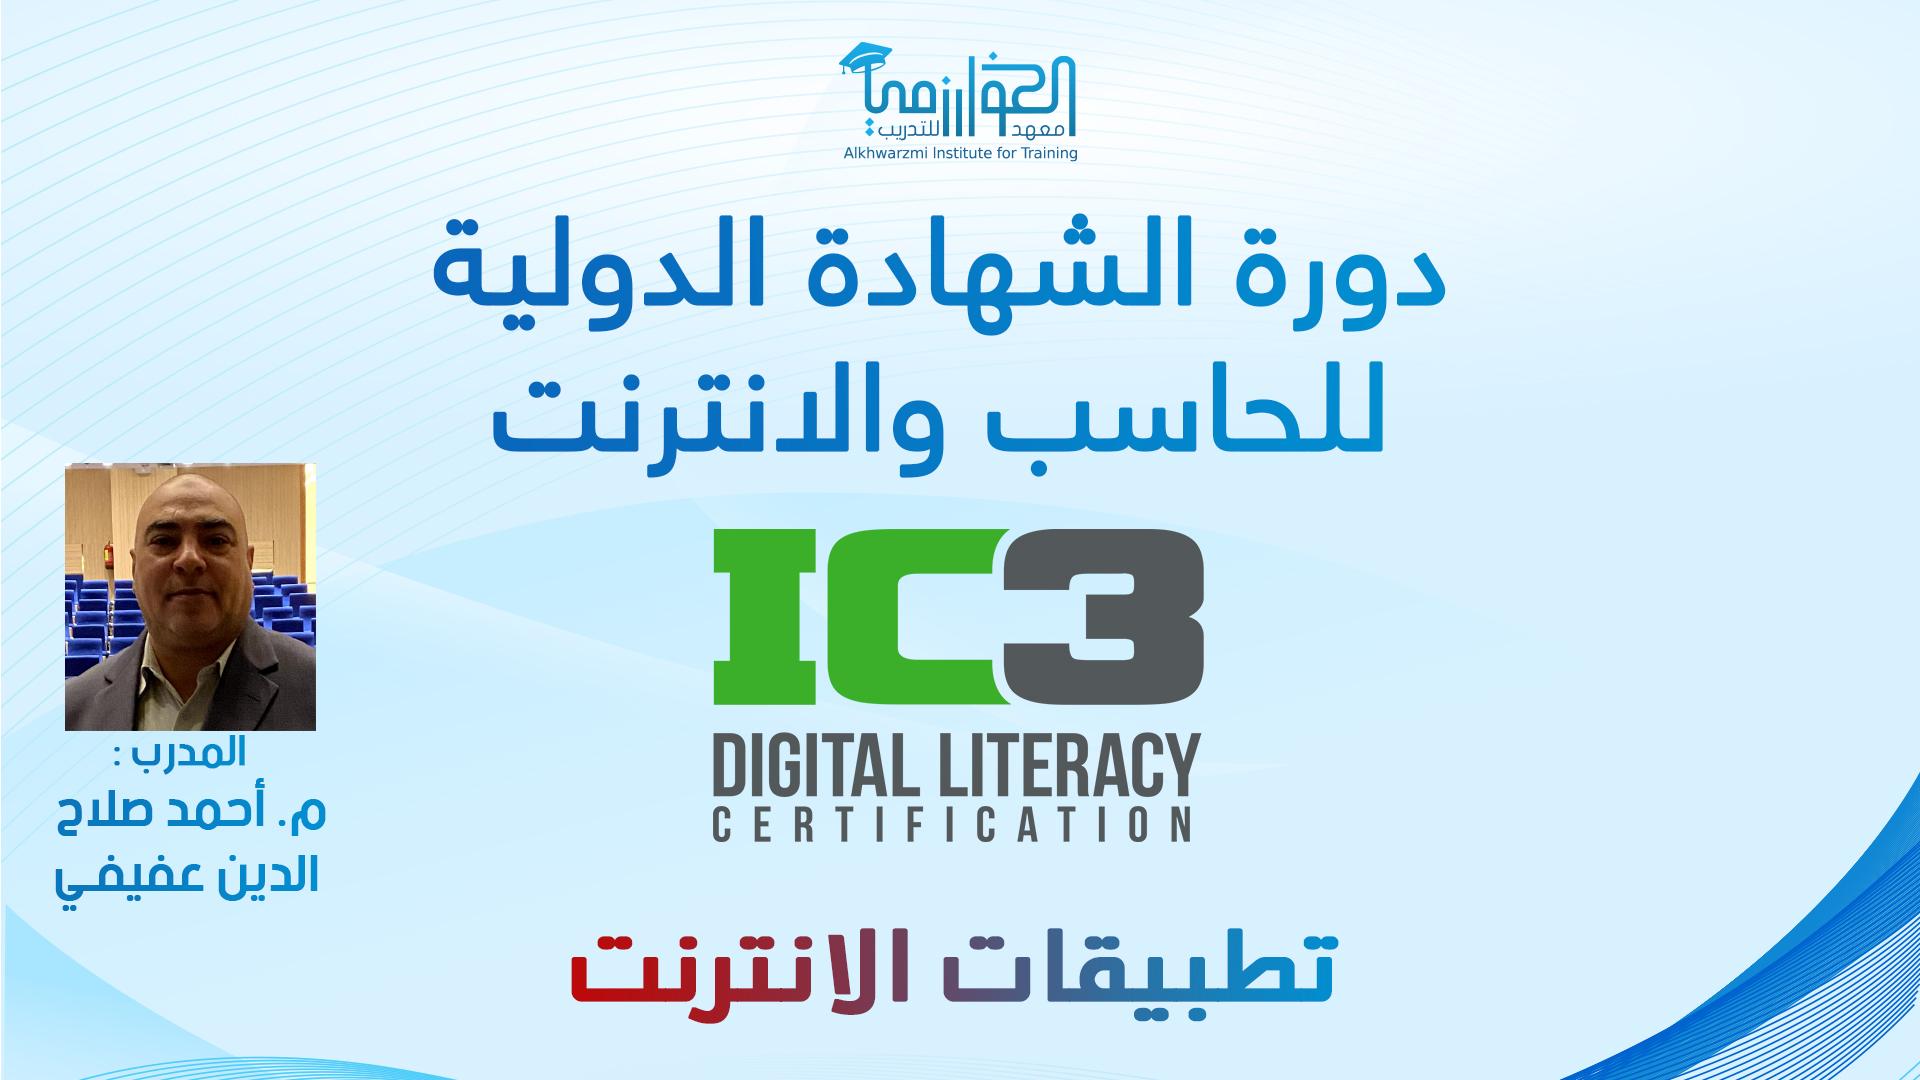 تطبيقات الانترنت (الدرس الرابع - المستعرض  والجيميل)